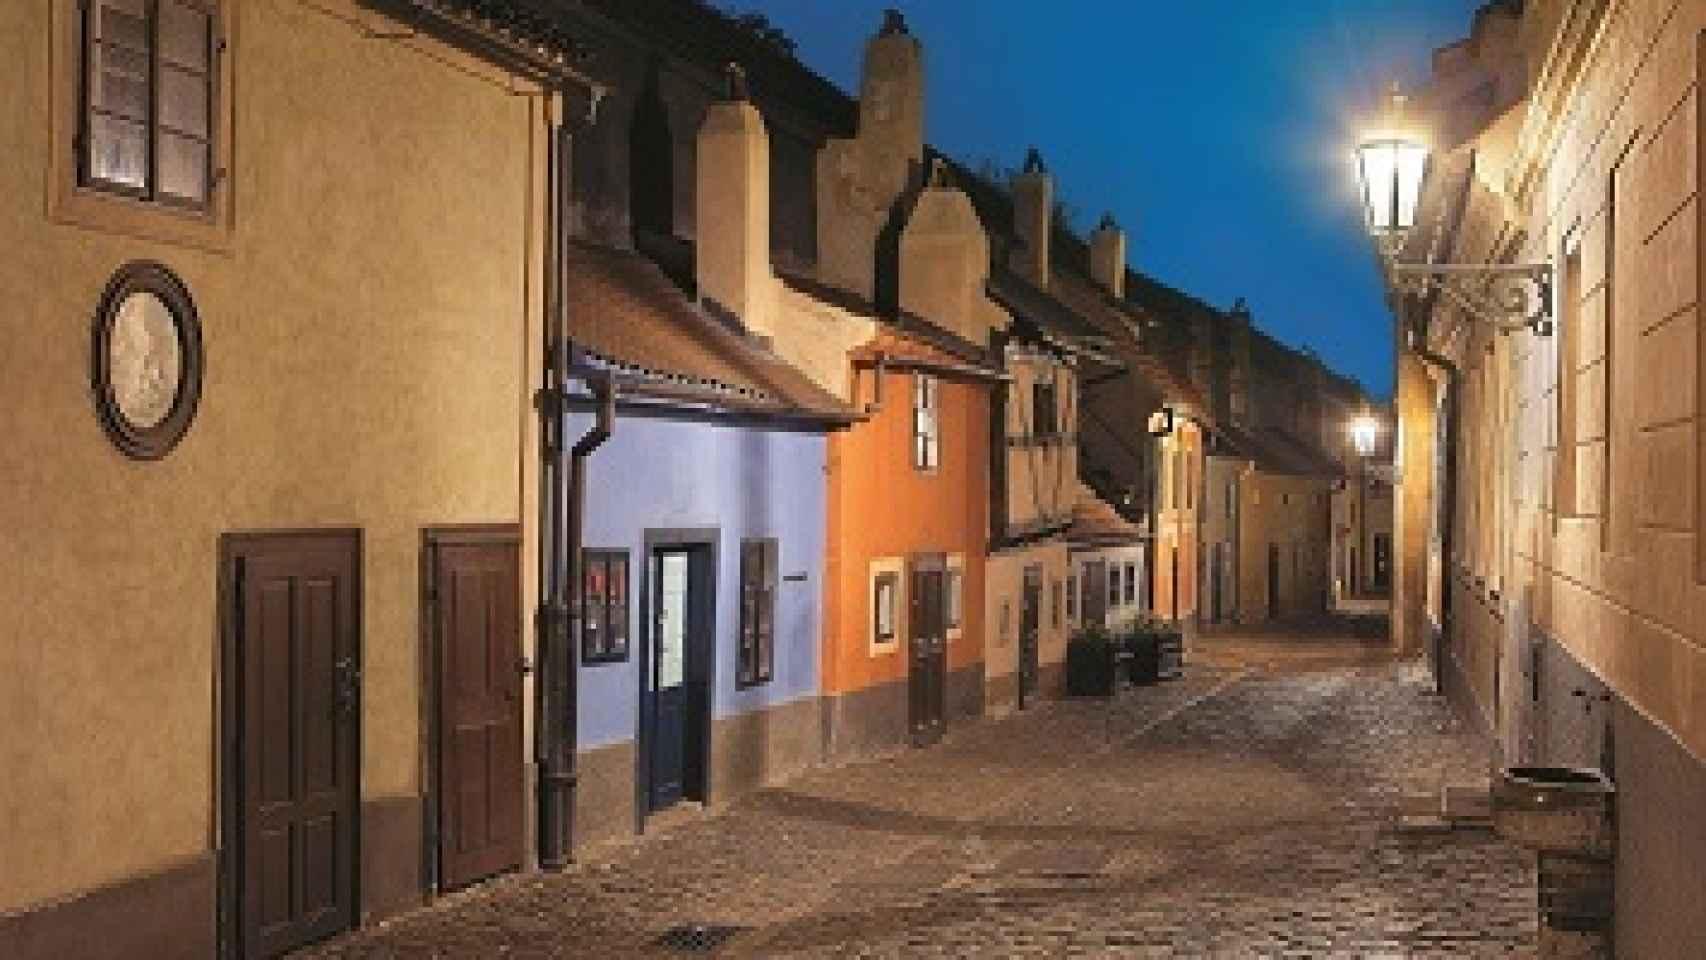 El callejón del oro, una célebre calle de Praga.